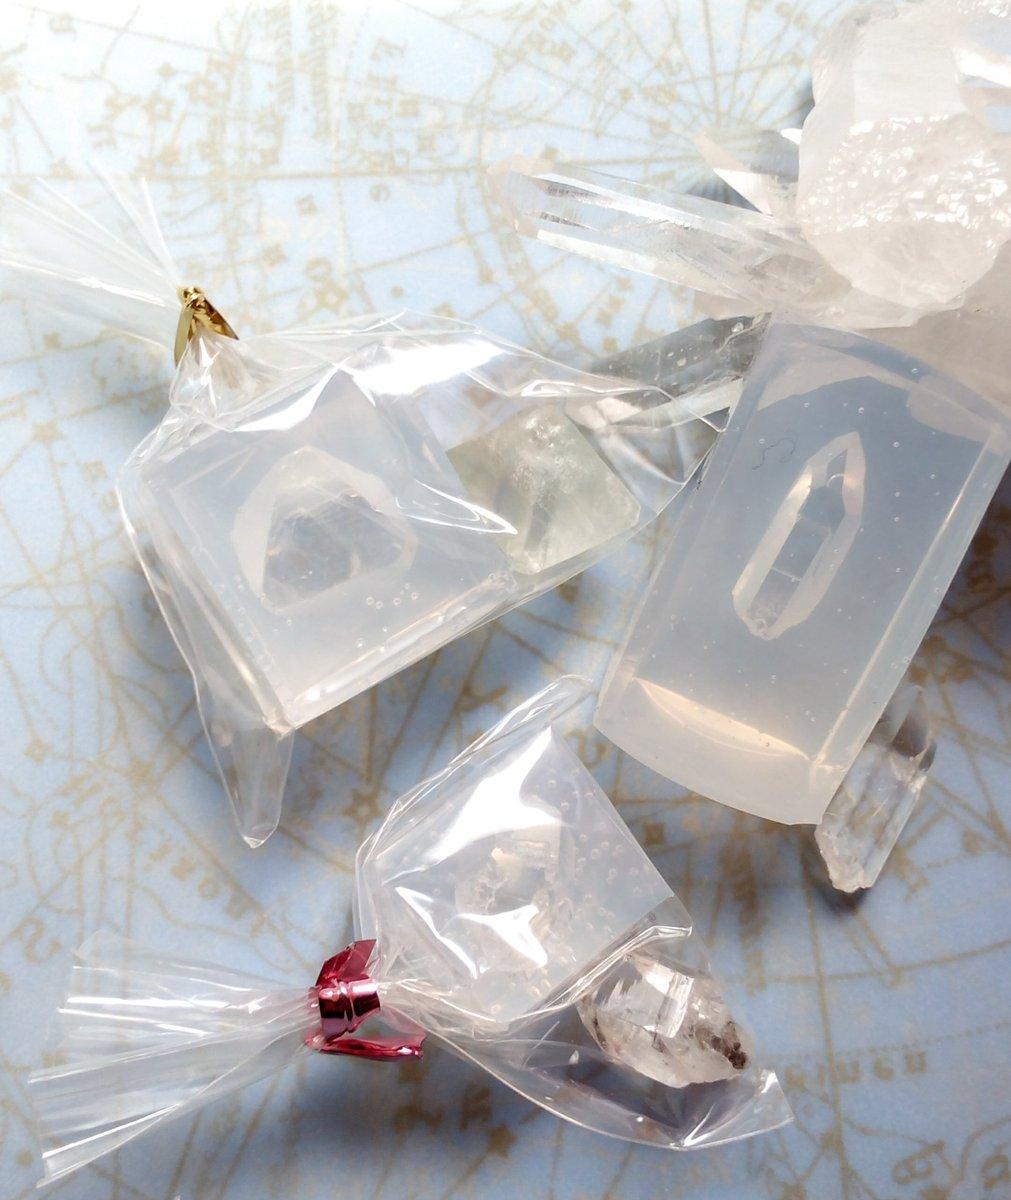 すみません間違えあり再掲です😫 kainさん(@rose_umi_)のモールド初使用。丸ごと取り出すタイプのため宝物を掘りだす気分でバリバリ取り出し。ミニ水晶はウインドウクリスタルでした✨ #レジン